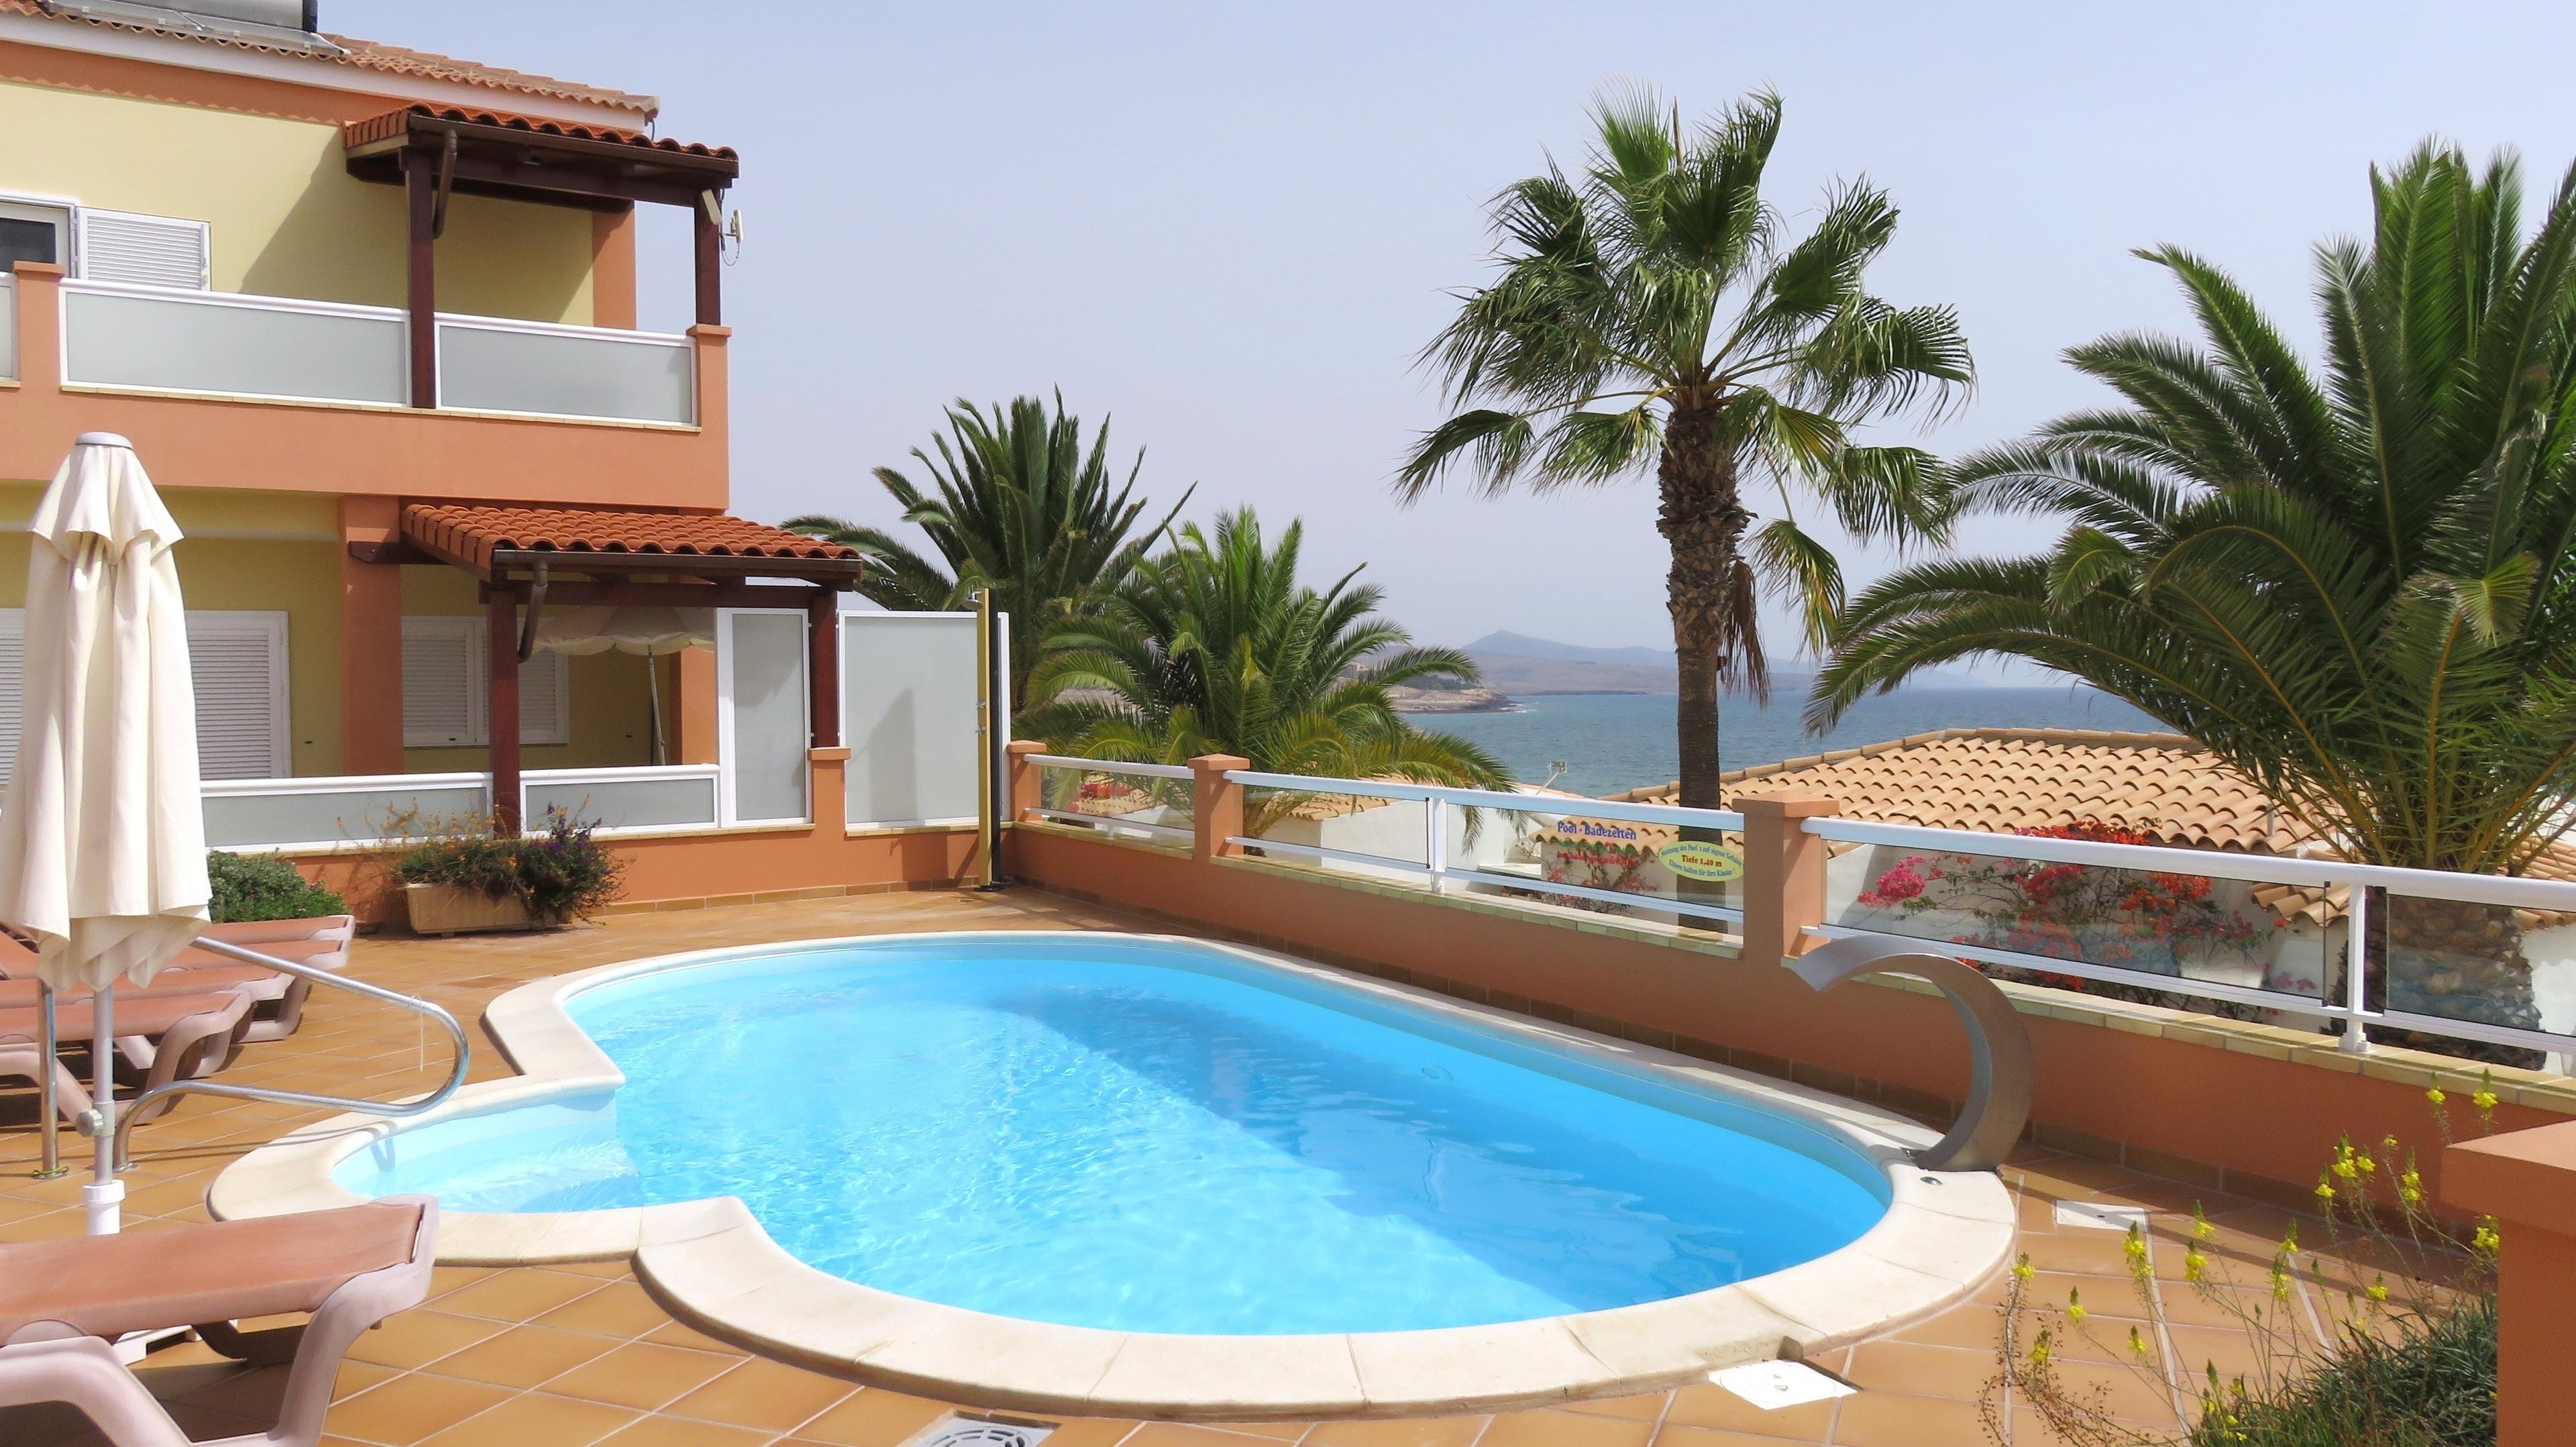 Ferienwohnung Ultra Tres 24 (2626373), Costa Calma, Fuerteventura, Kanarische Inseln, Spanien, Bild 11